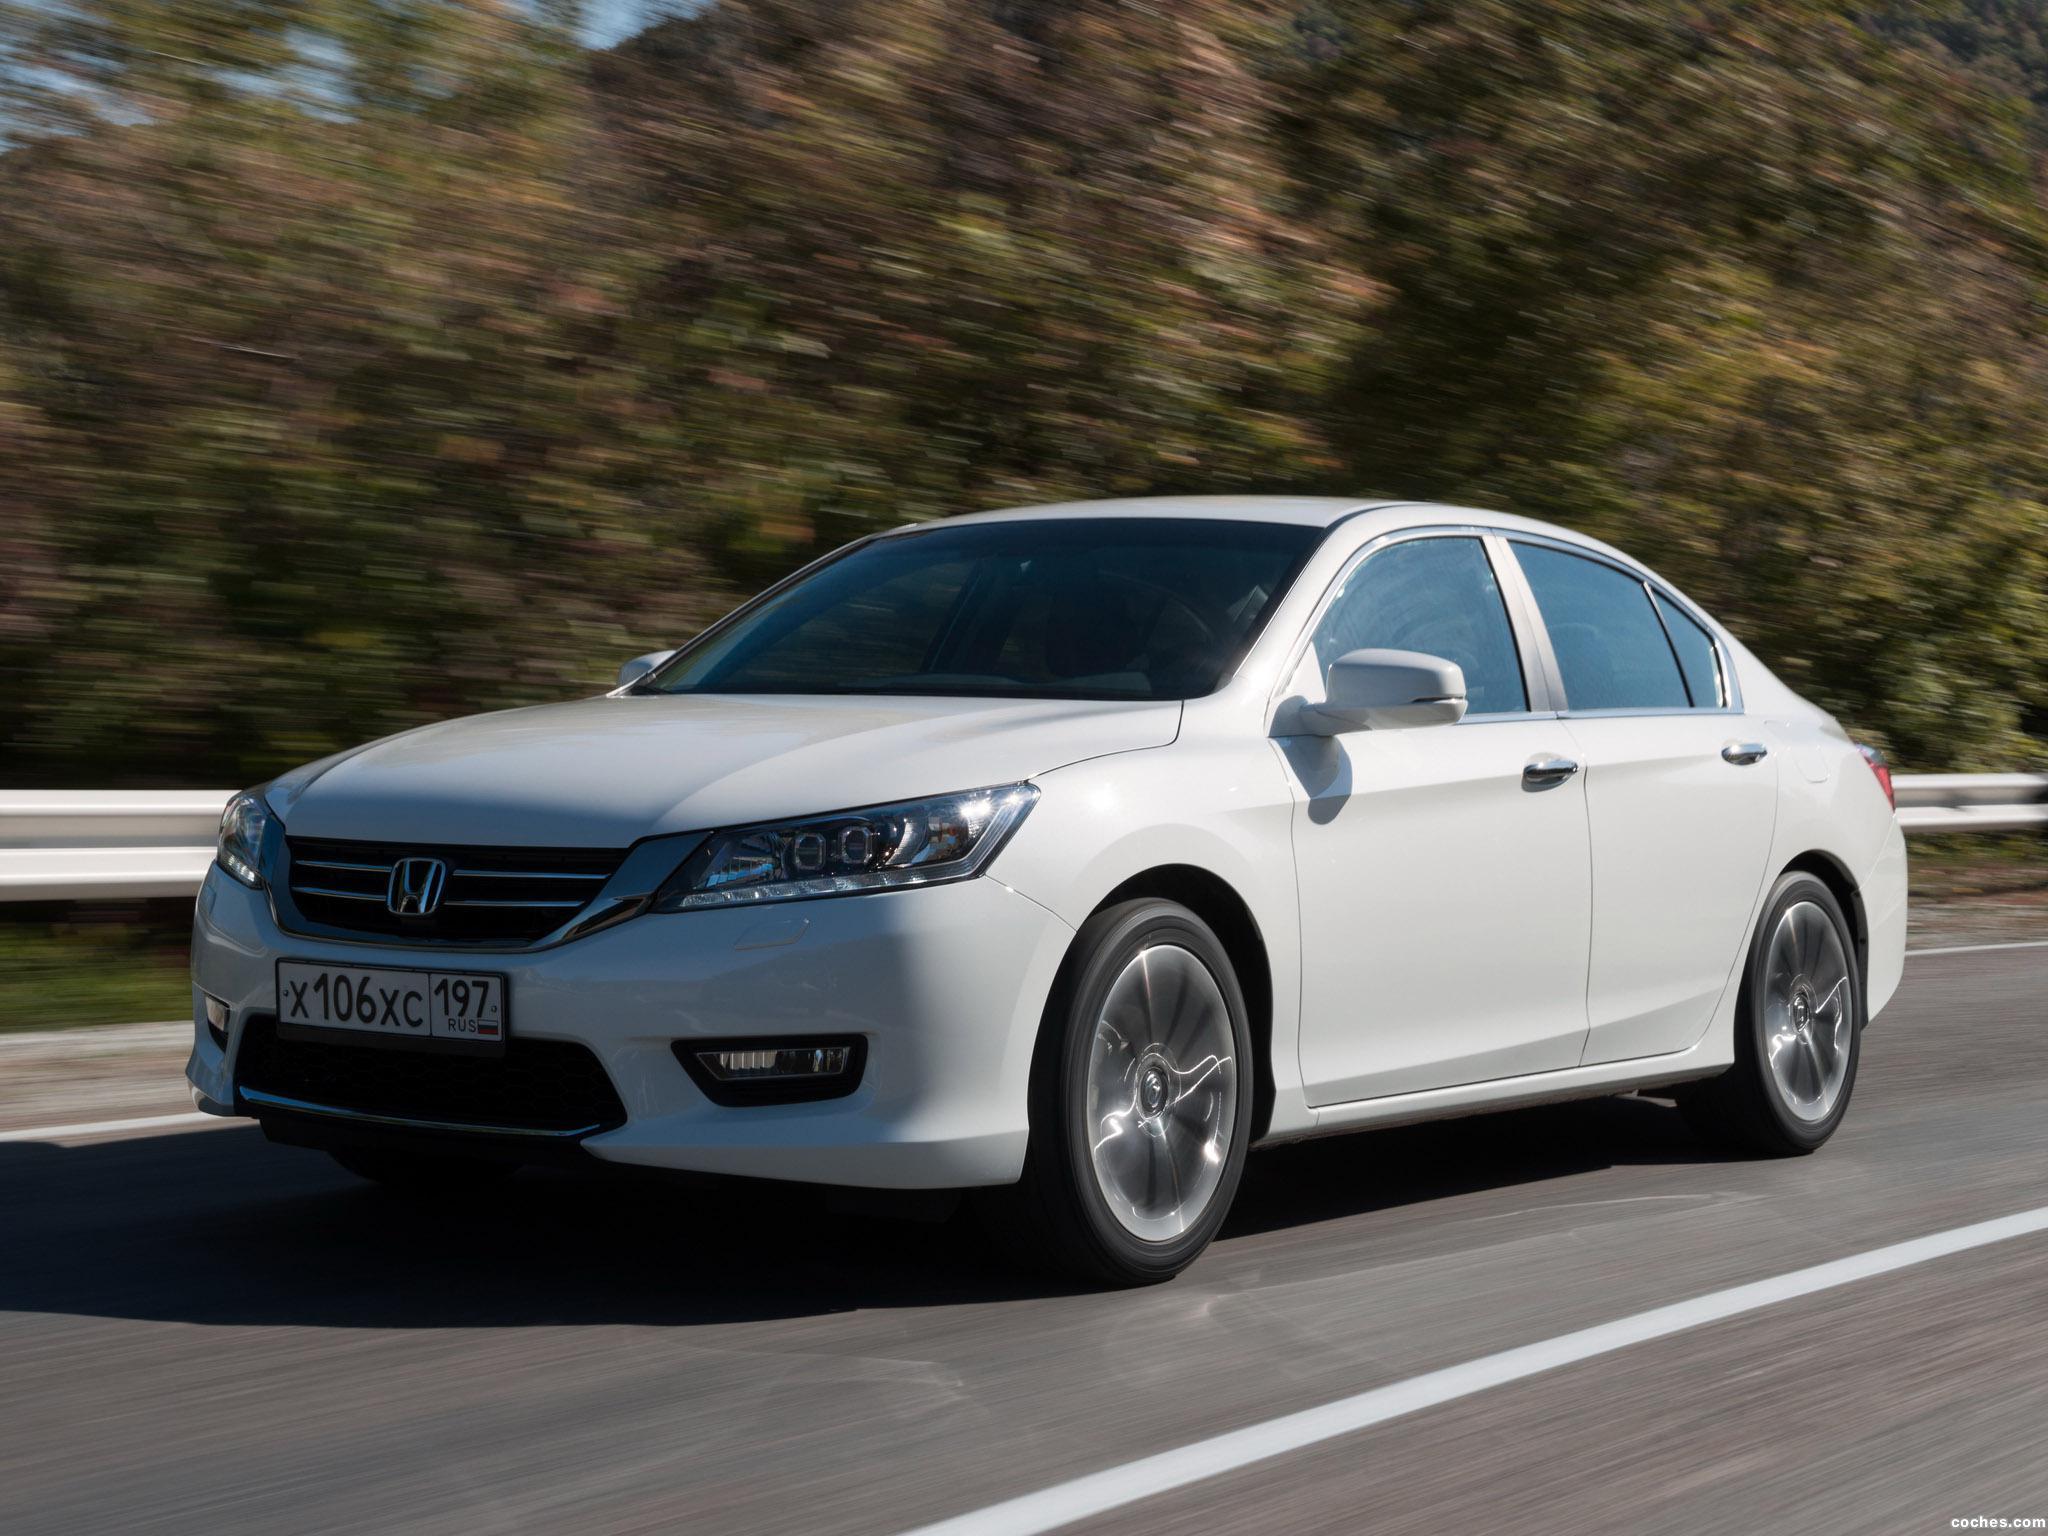 Foto 14 de Honda Accord Sedan 2013